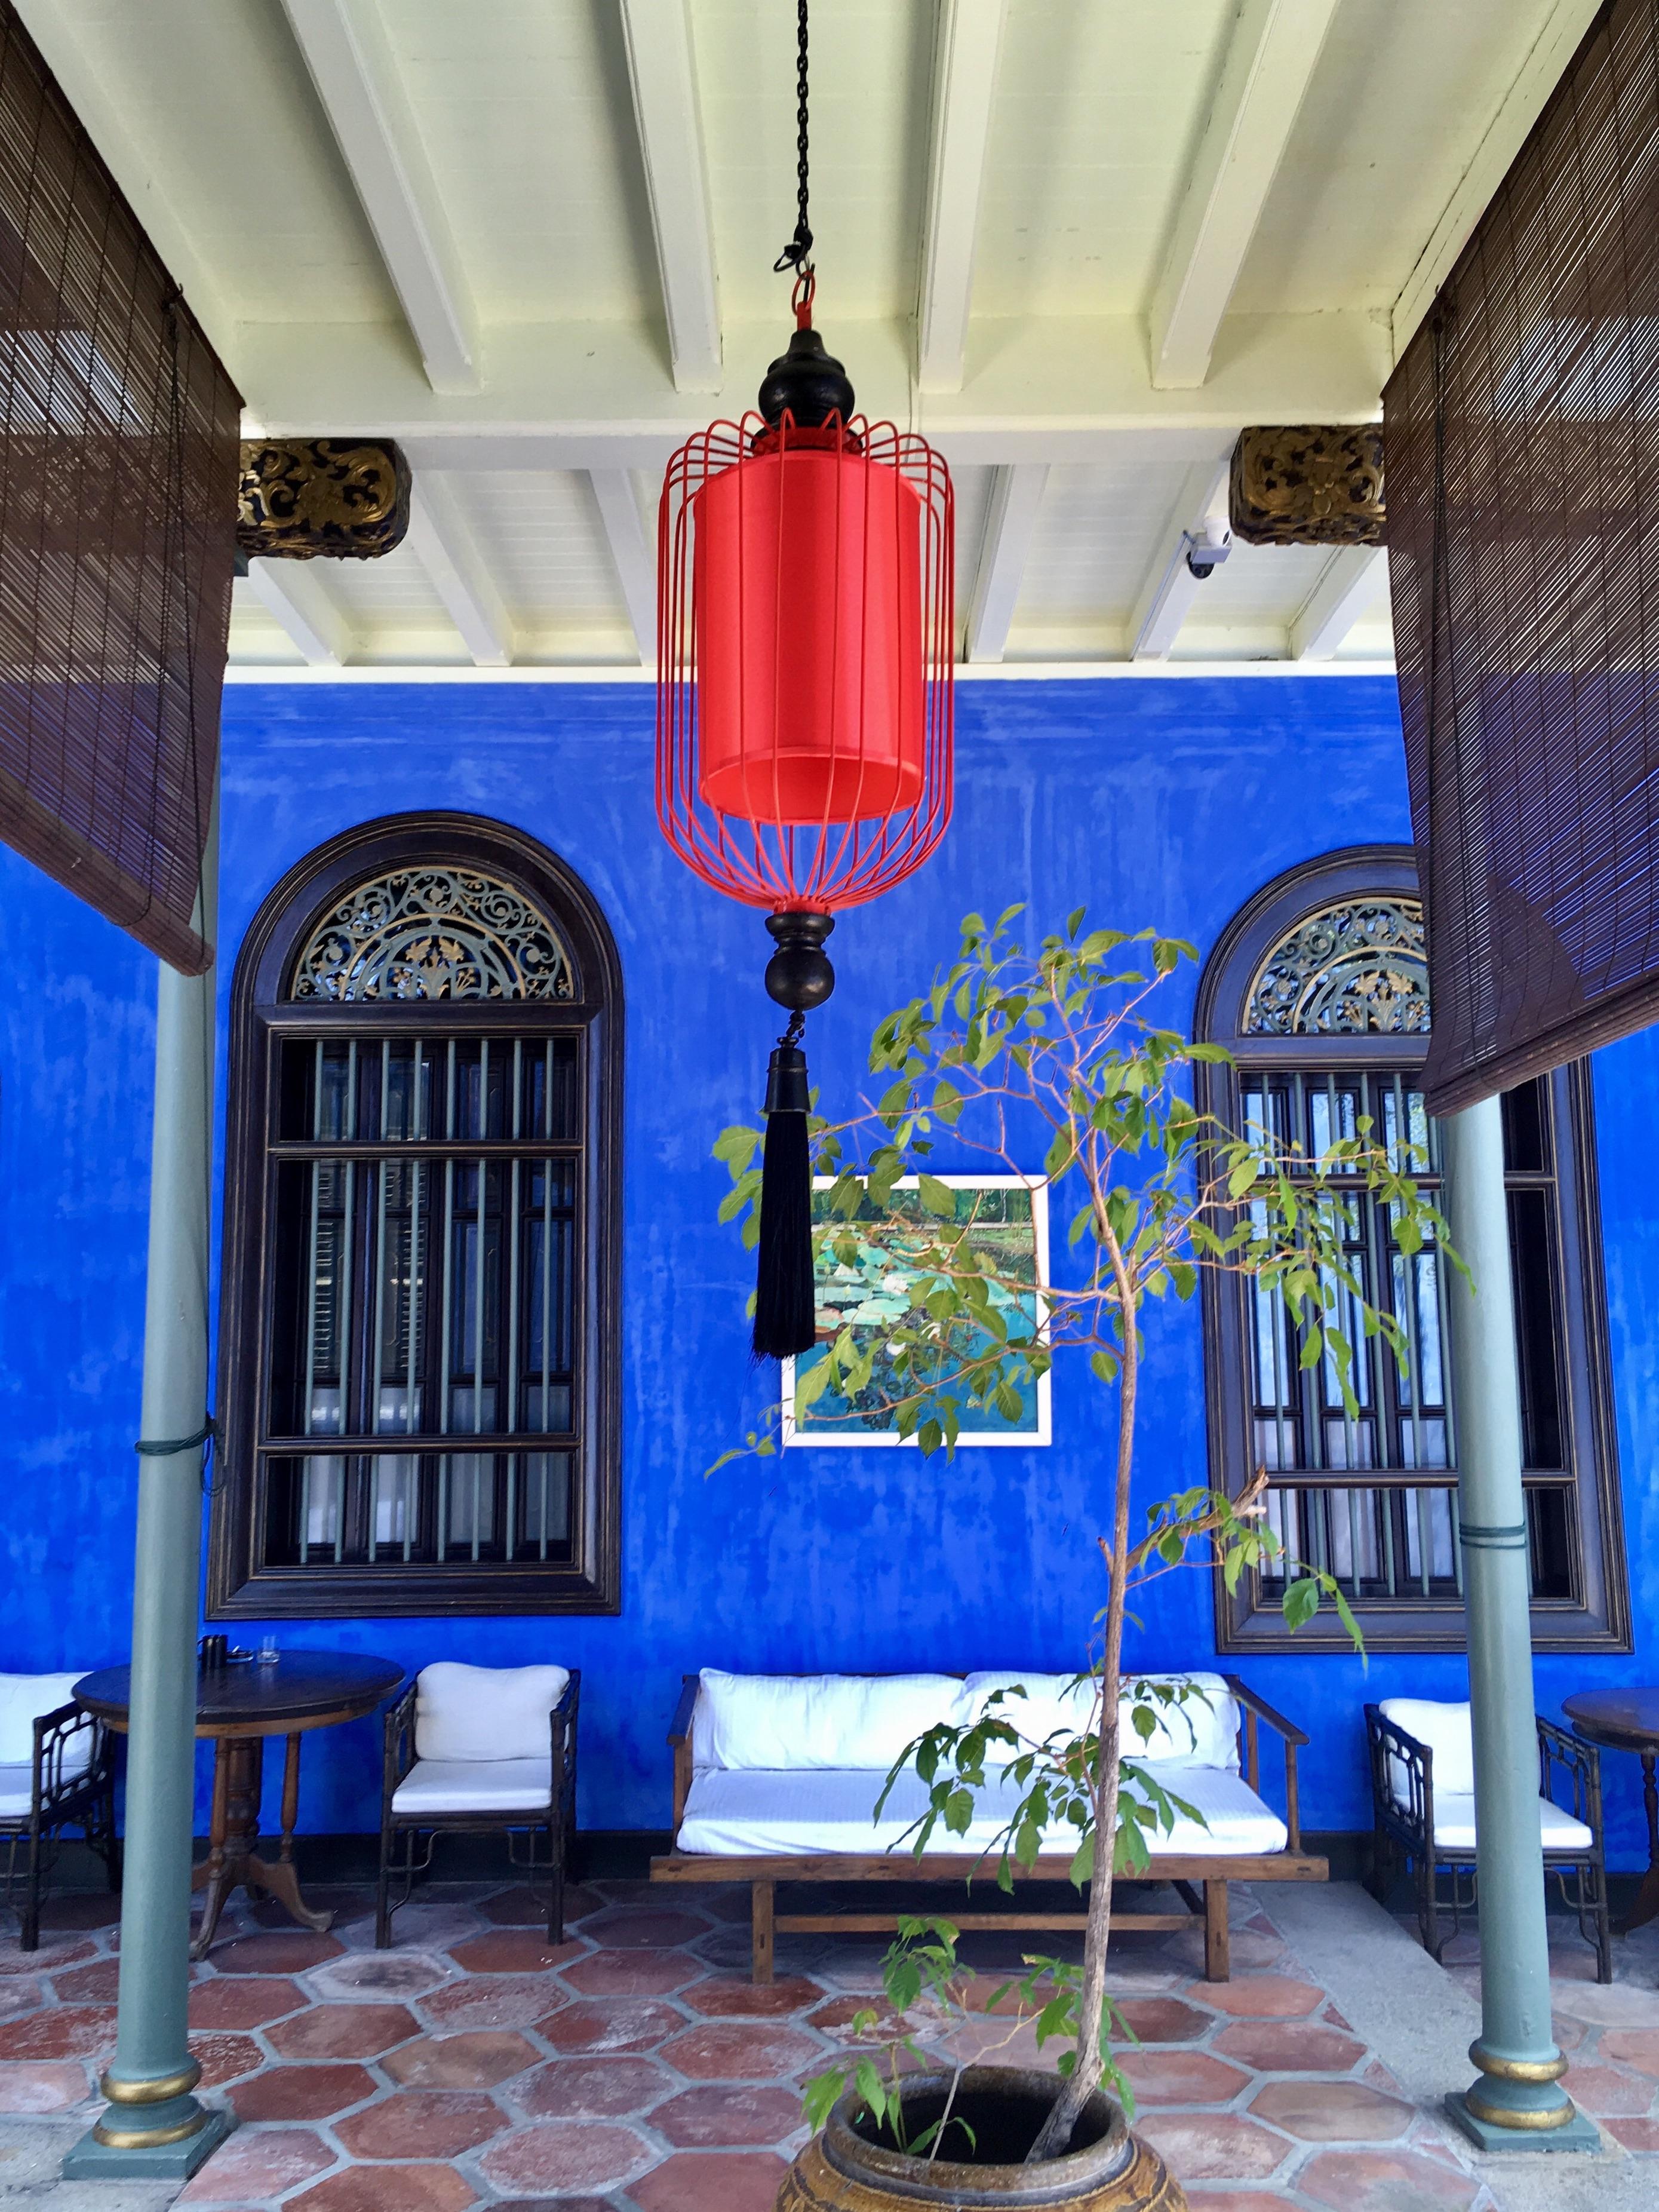 Maison bleu 2.jpg